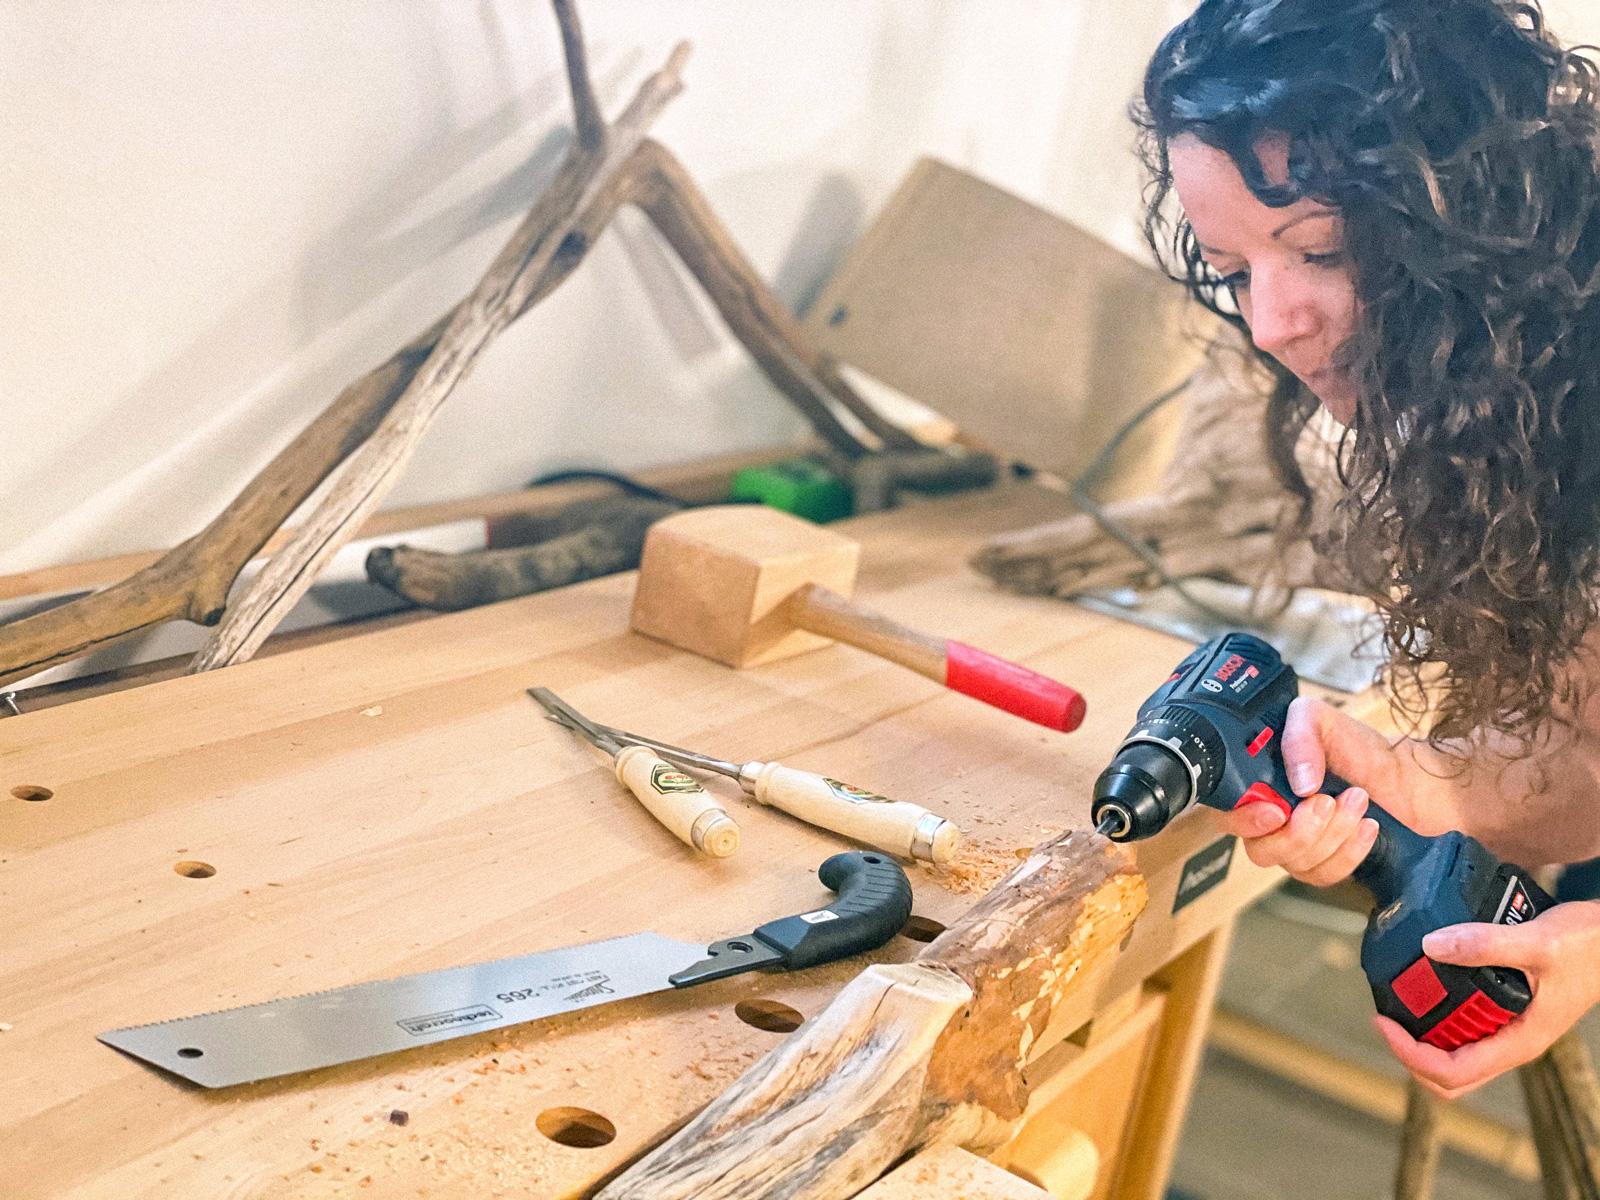 Herstellunsprozess dauert Wochen: Veronika Oberngruber in der Werkstatt